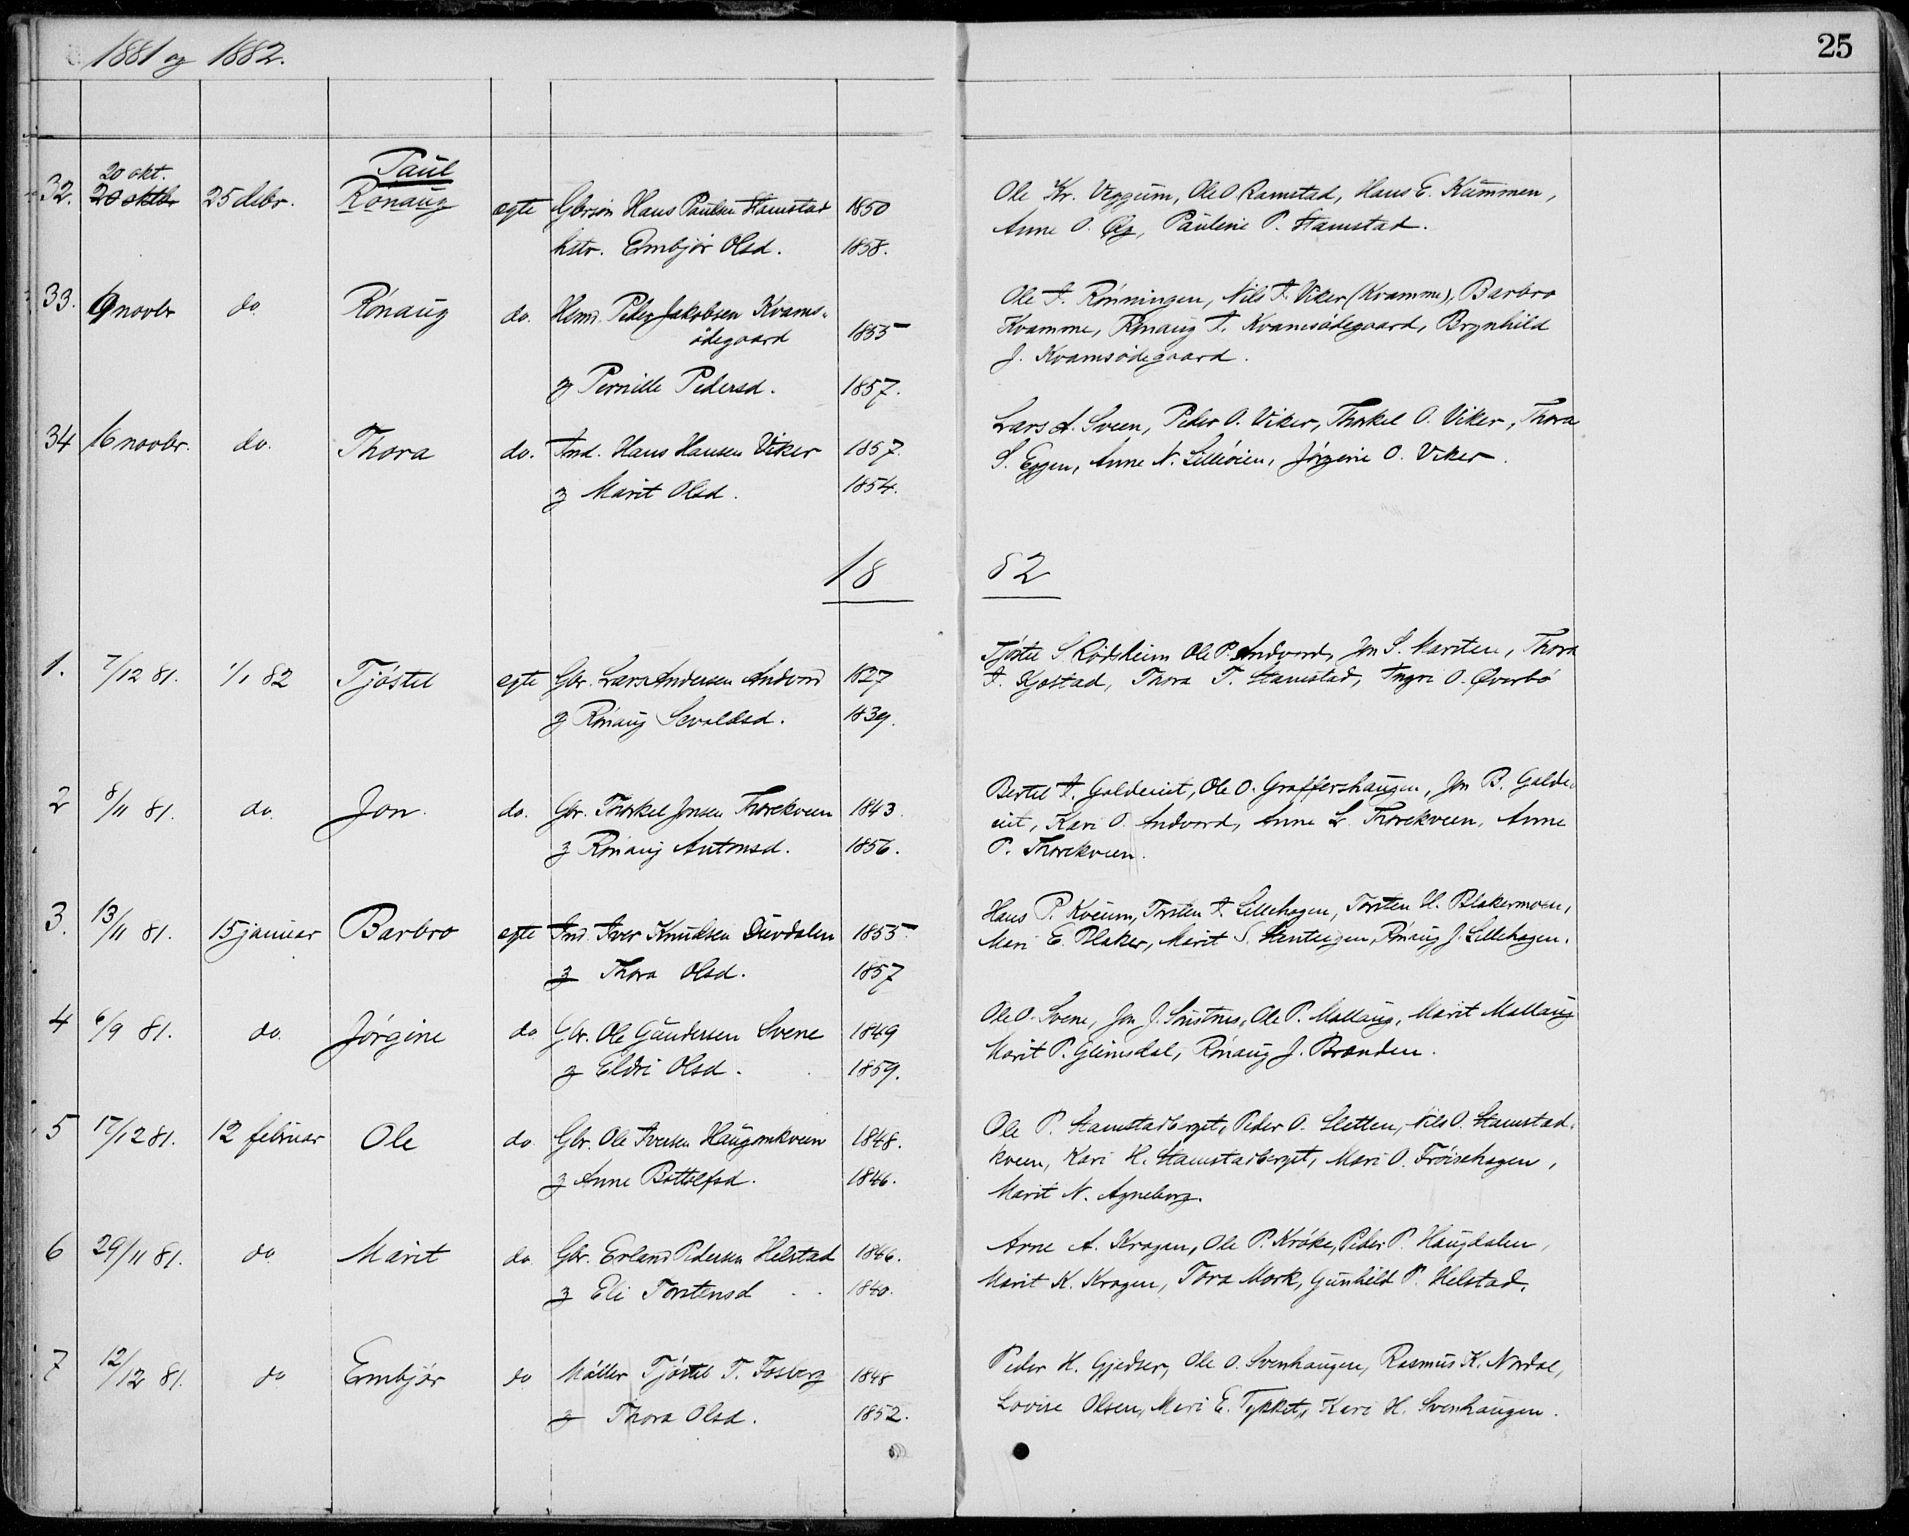 SAH, Lom prestekontor, L/L0013: Klokkerbok nr. 13, 1874-1938, s. 25